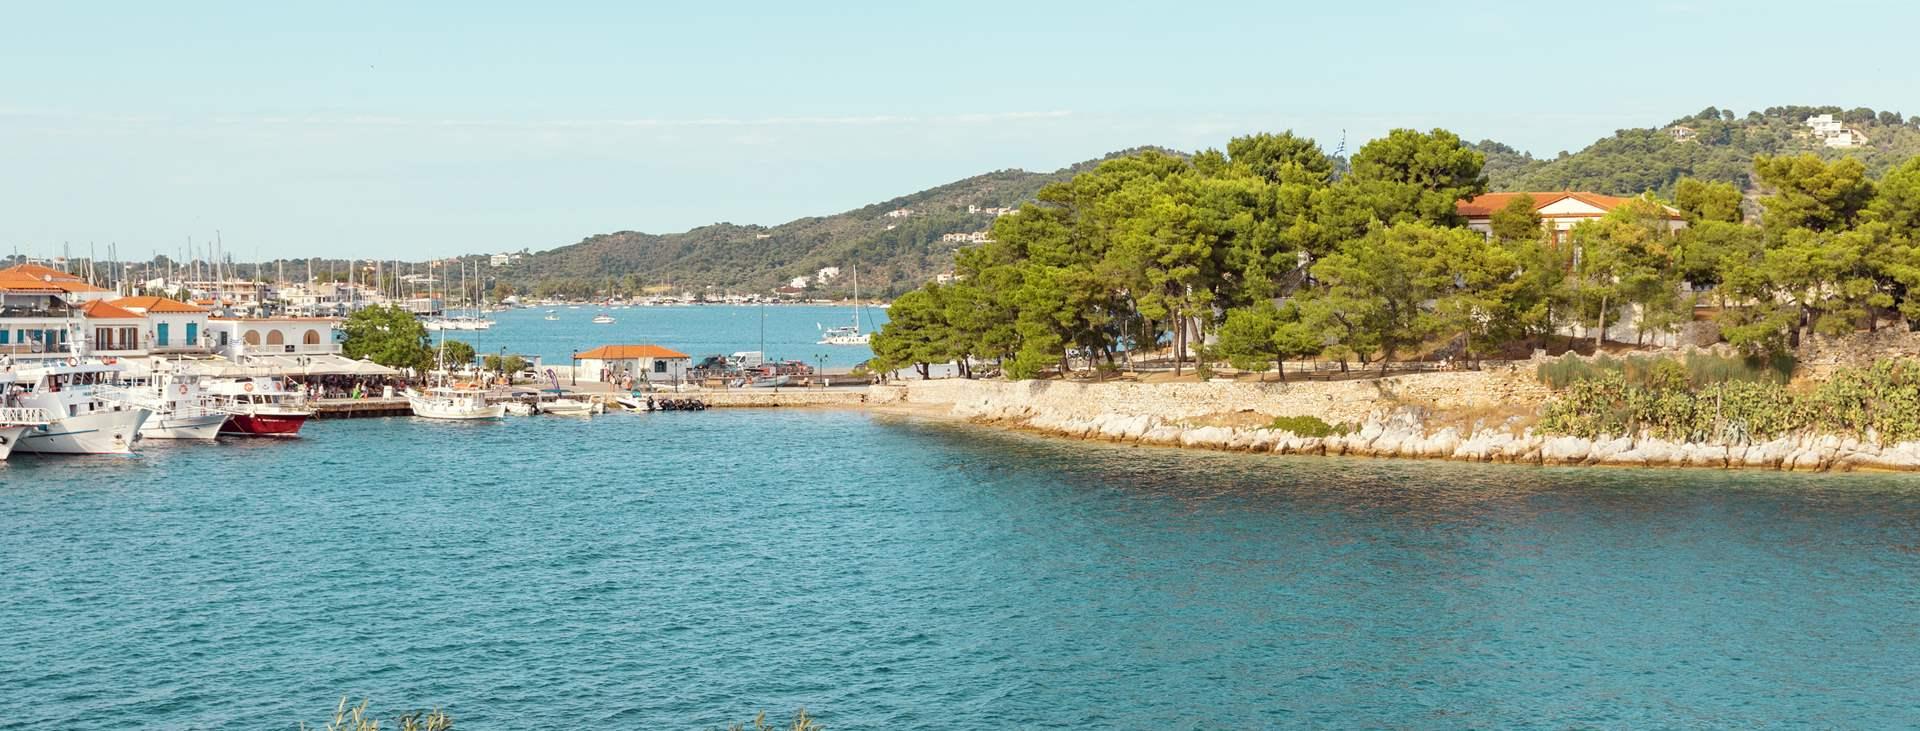 Boka din resa till Skiathos i Grekland med Ving